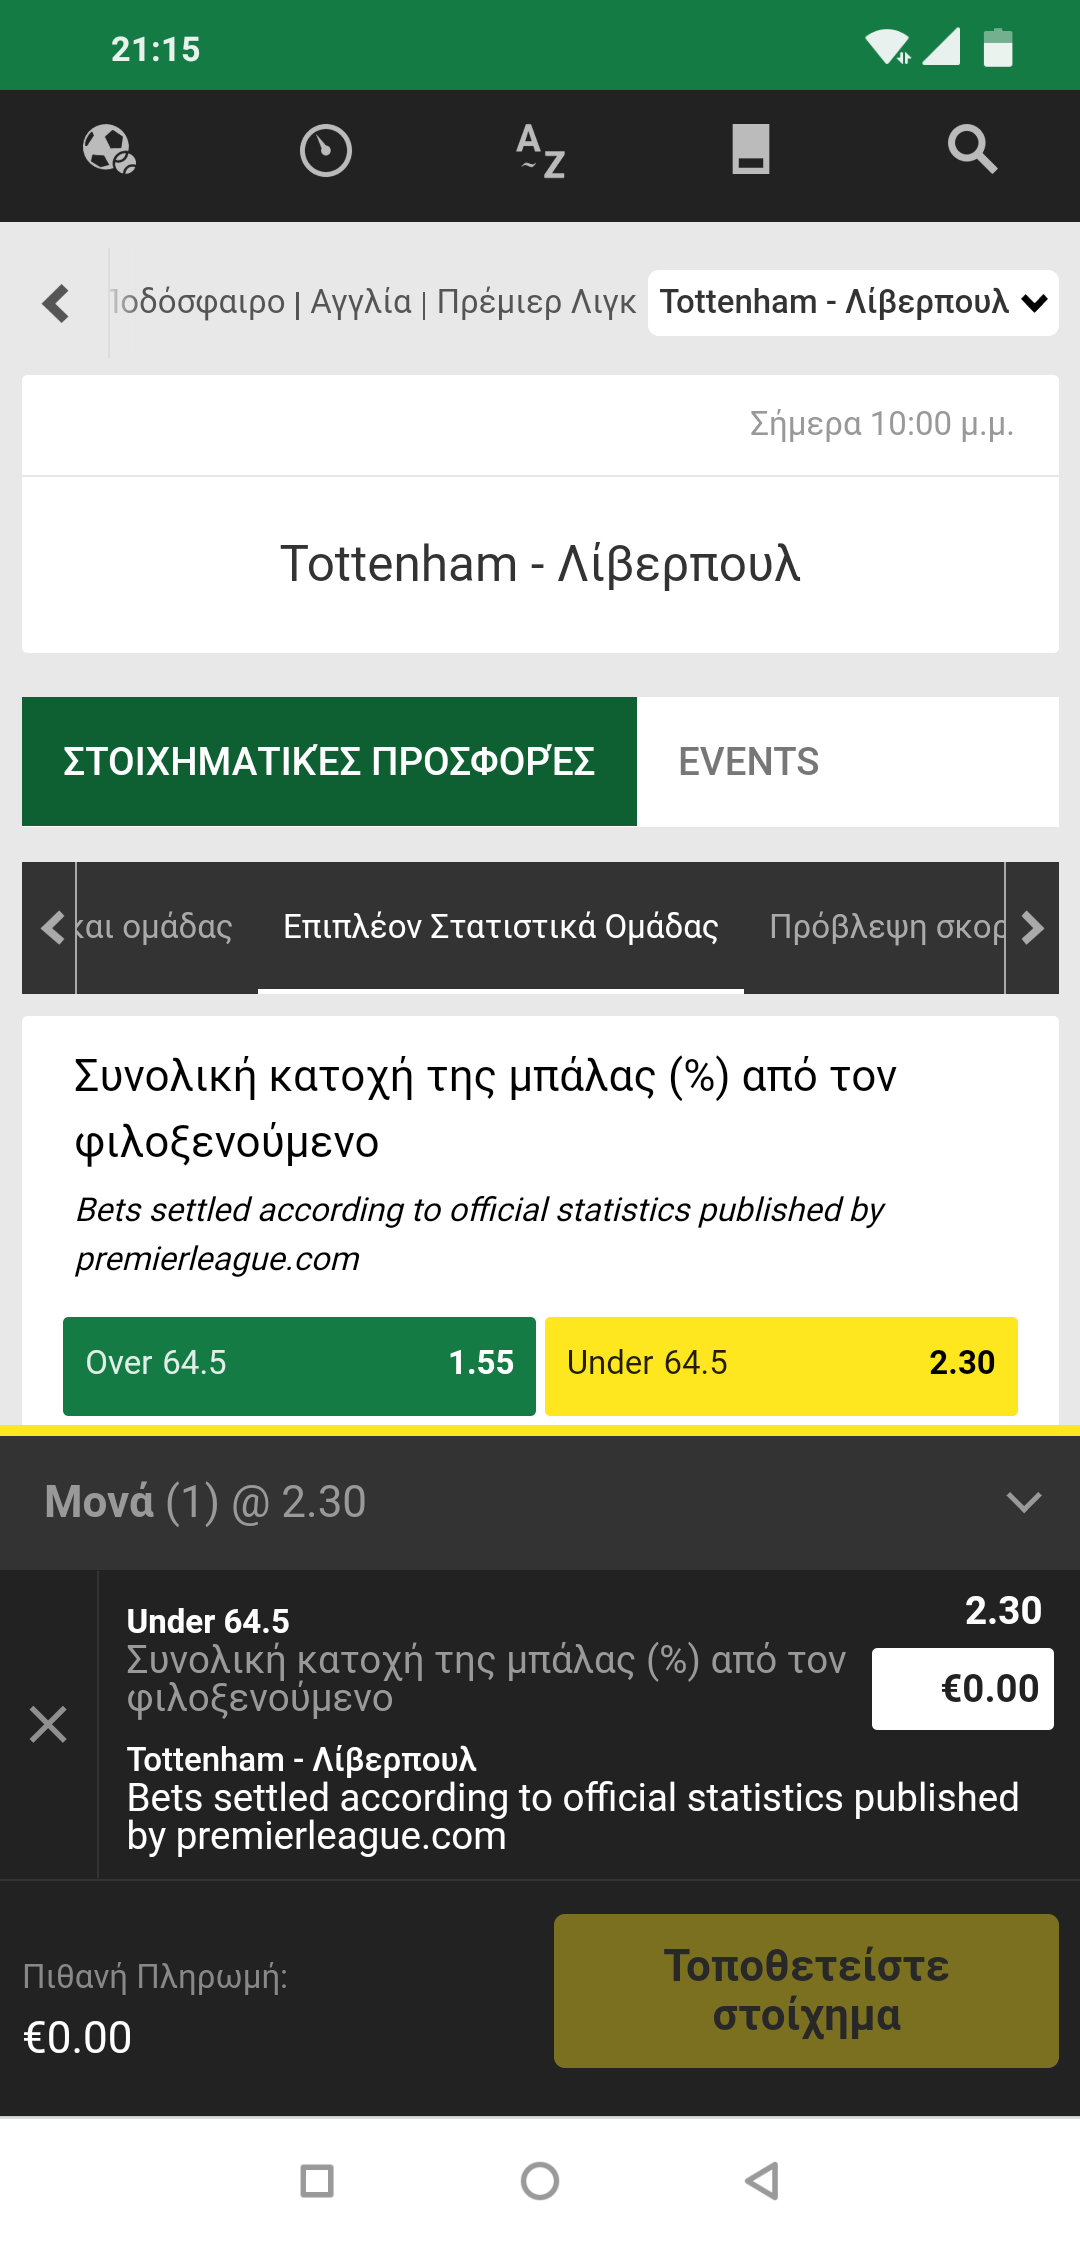 Screenshot_2021-01-28-21-15-15-122_com.android.chrome.png